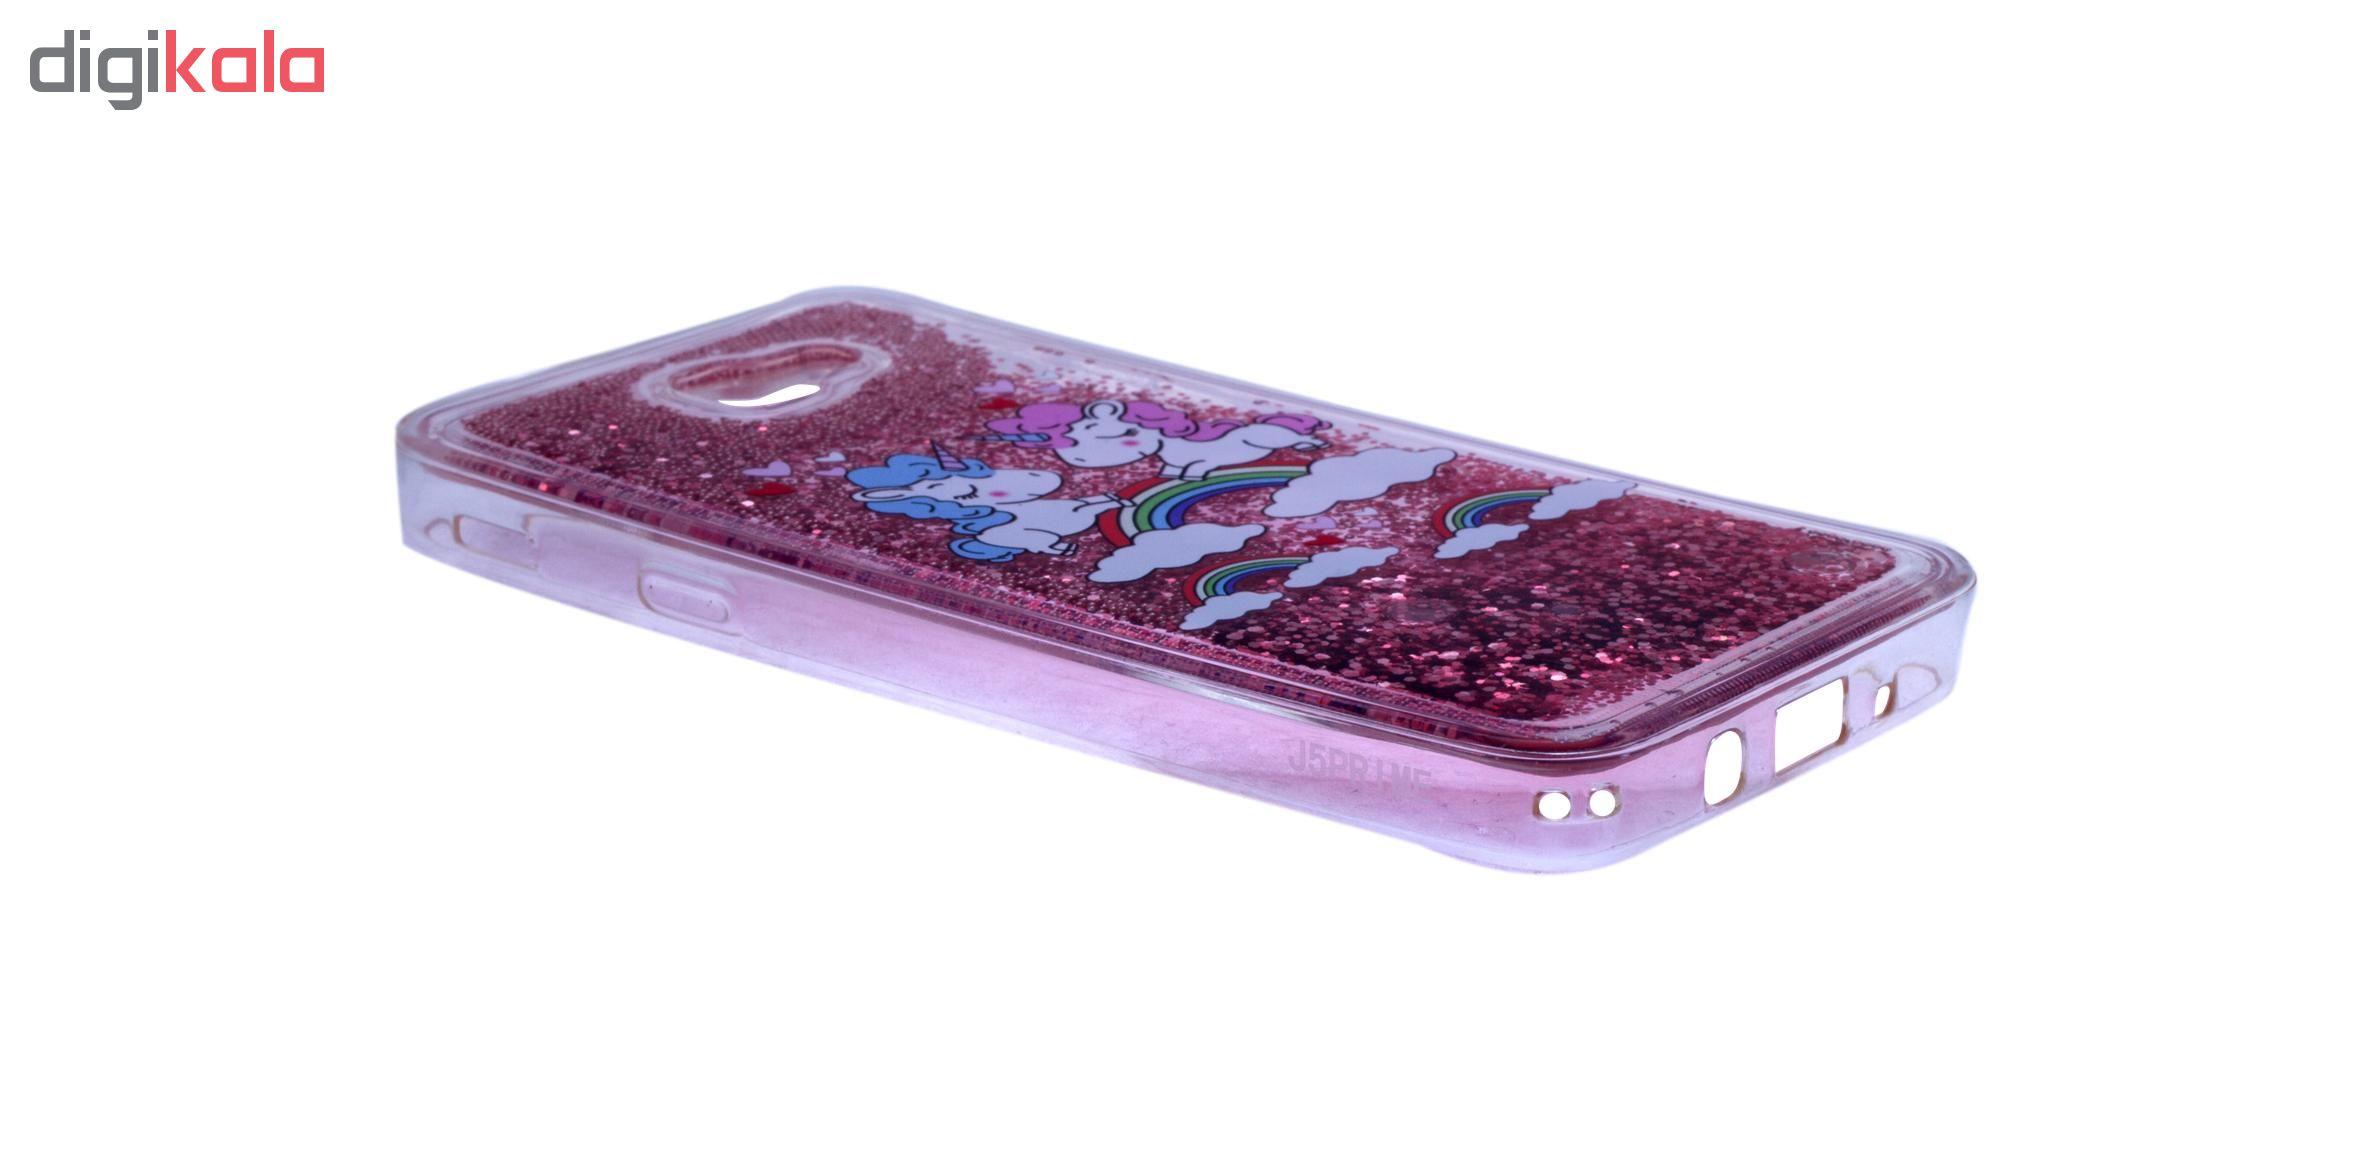 کاور مدل آکواریومی طرح هارت فلر مناسب برای گوشی موبایل سامسونگ Galaxy J7 Prime thumb 2 3